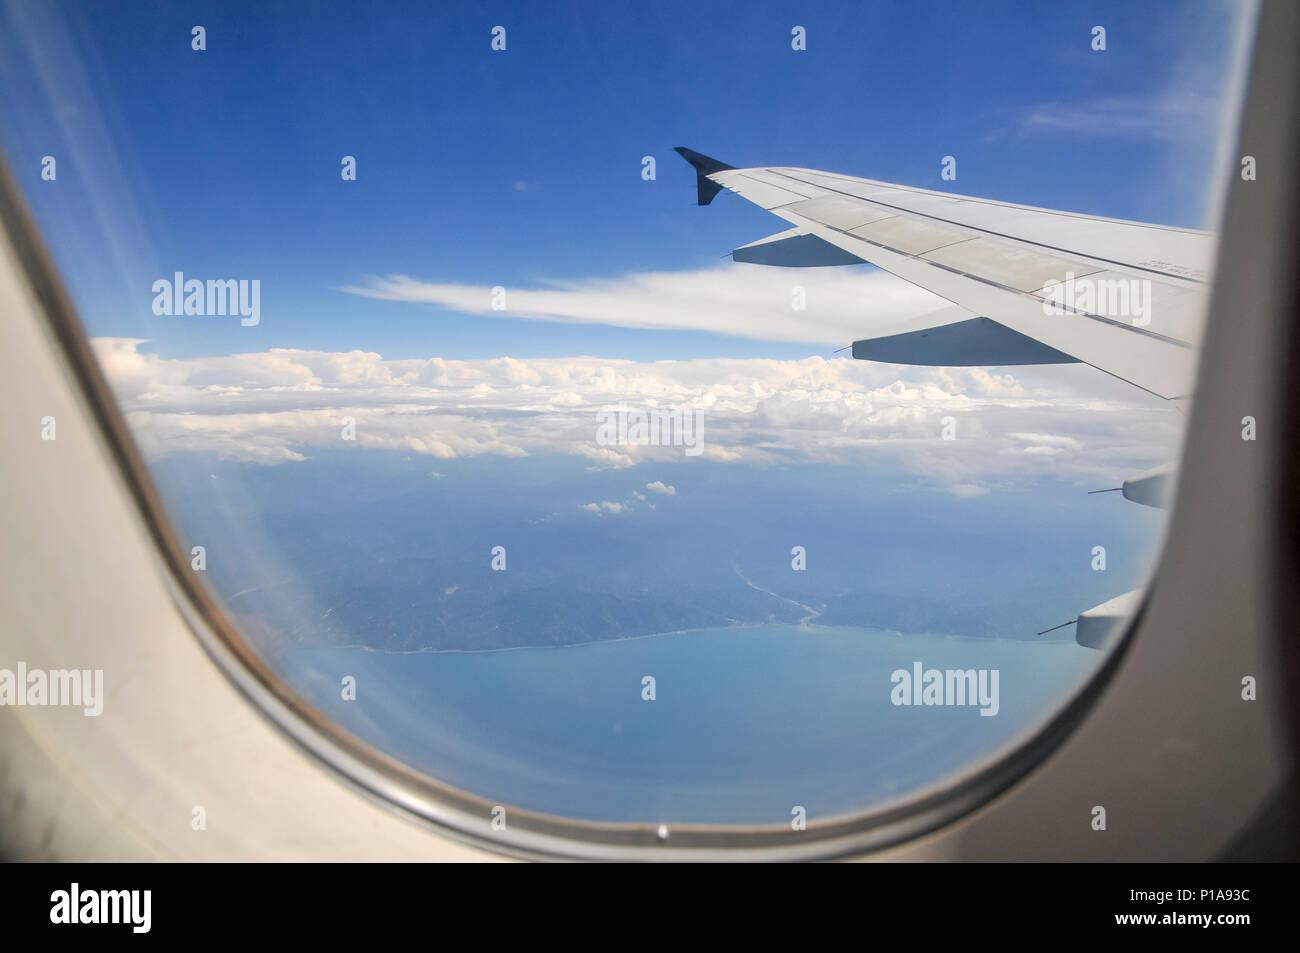 Vista elevada del Mar Mediterráneo y las nubes como se ve a través ...